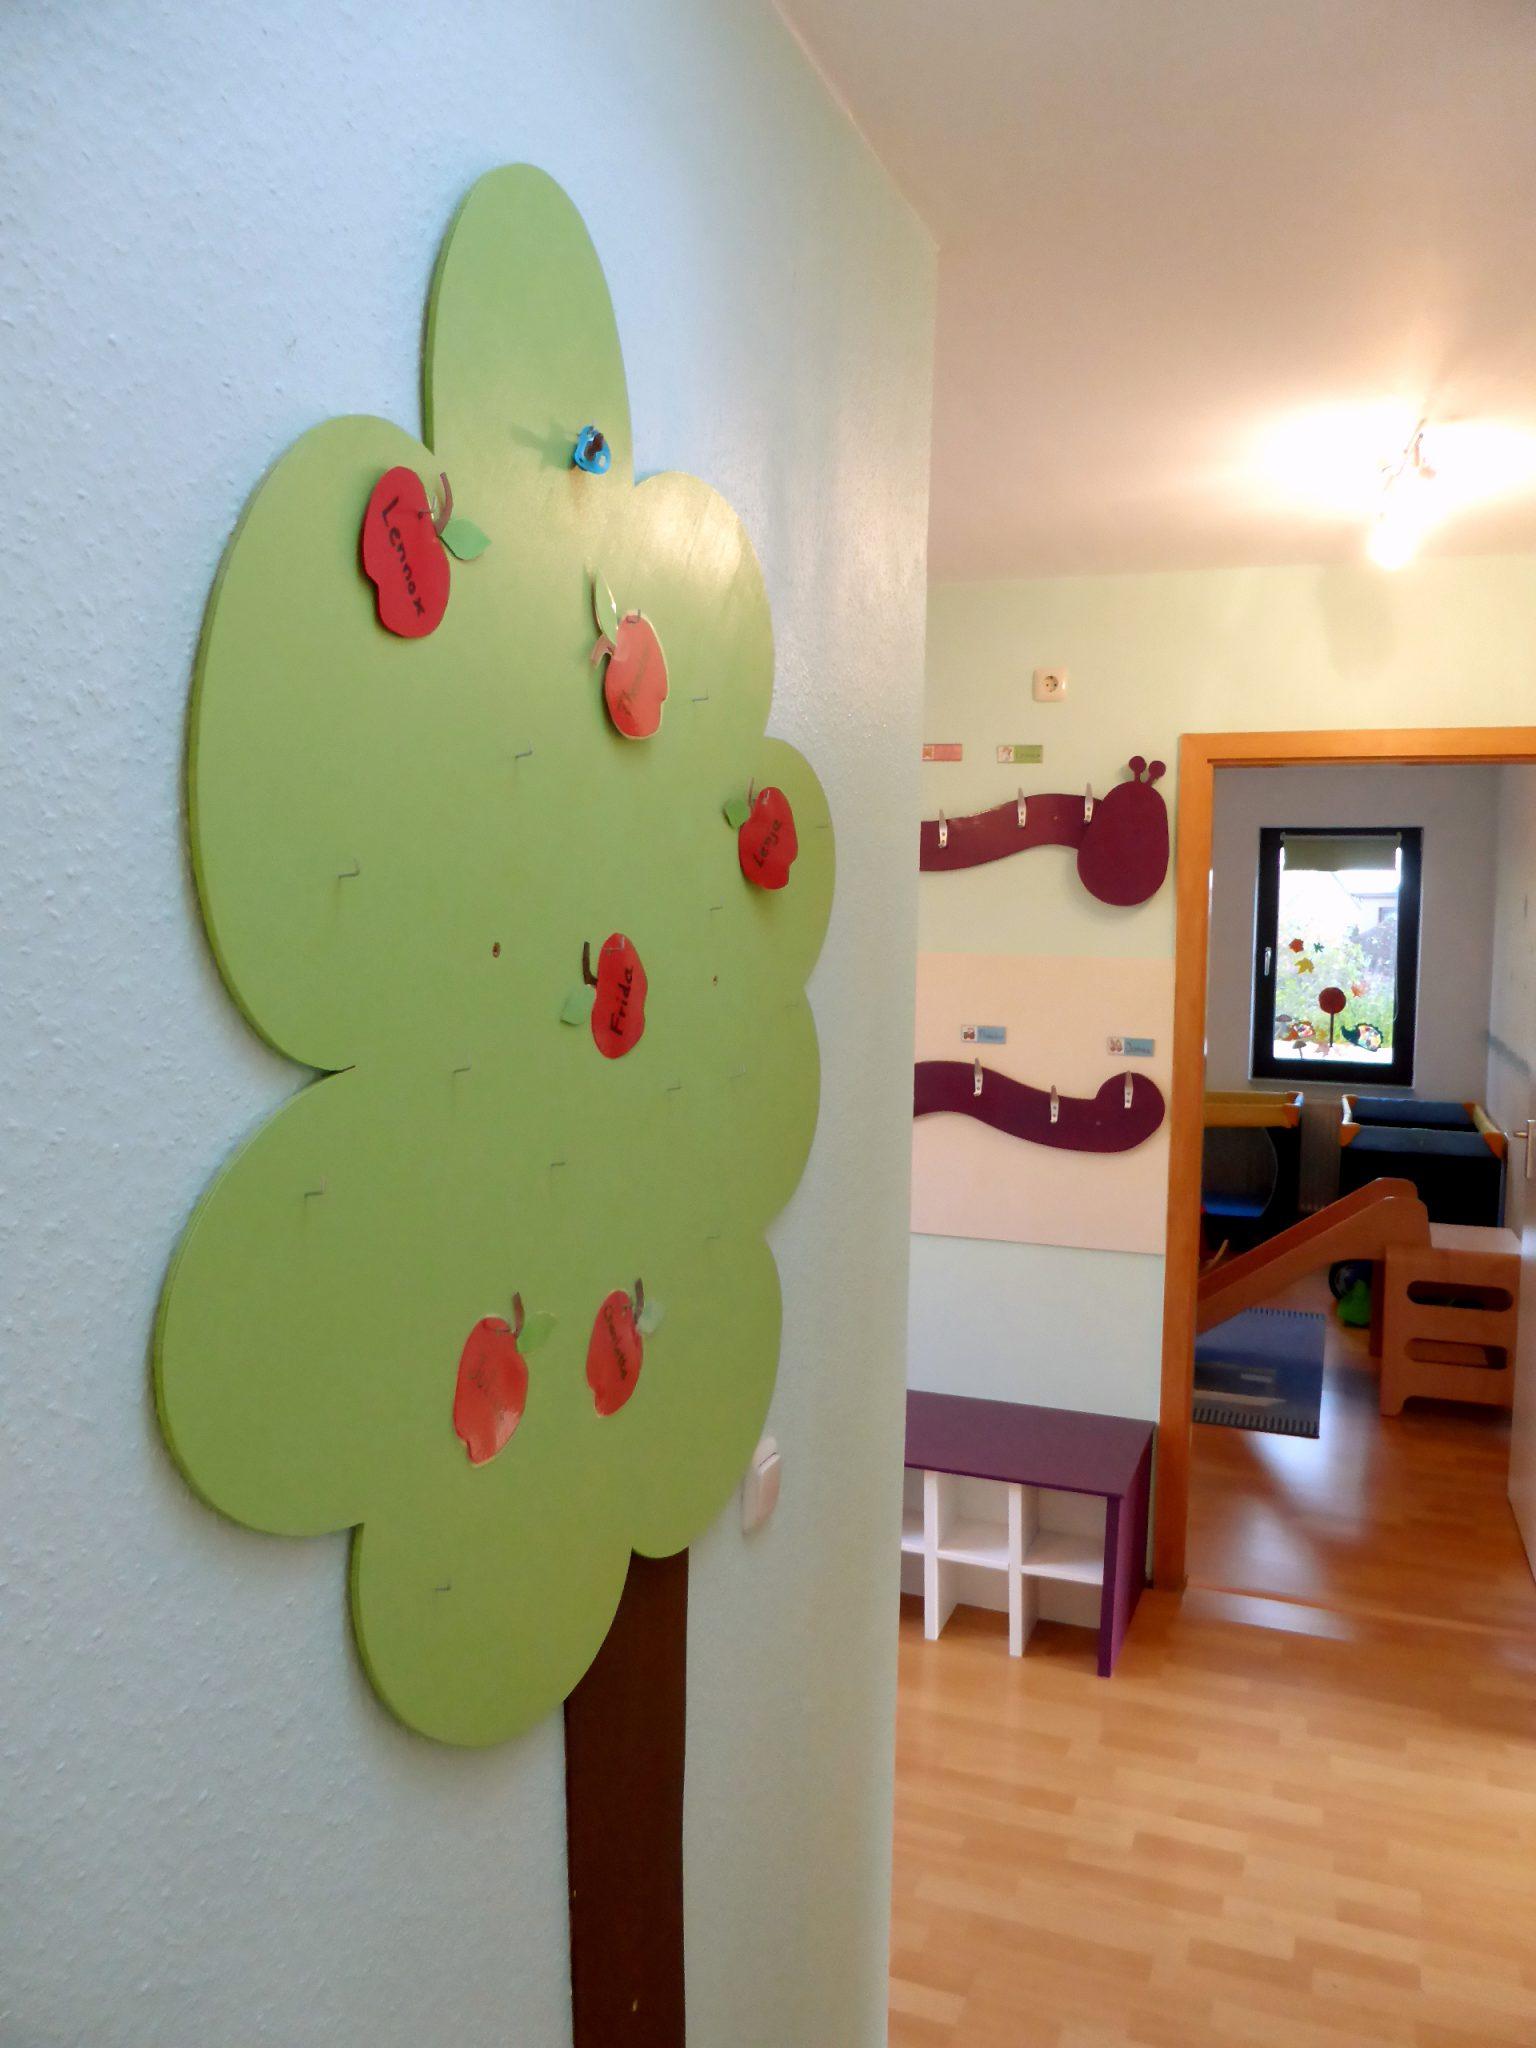 Empfangsbereich 1 Kita Kid Zone Kinderbetreuung - Empfangsbereich